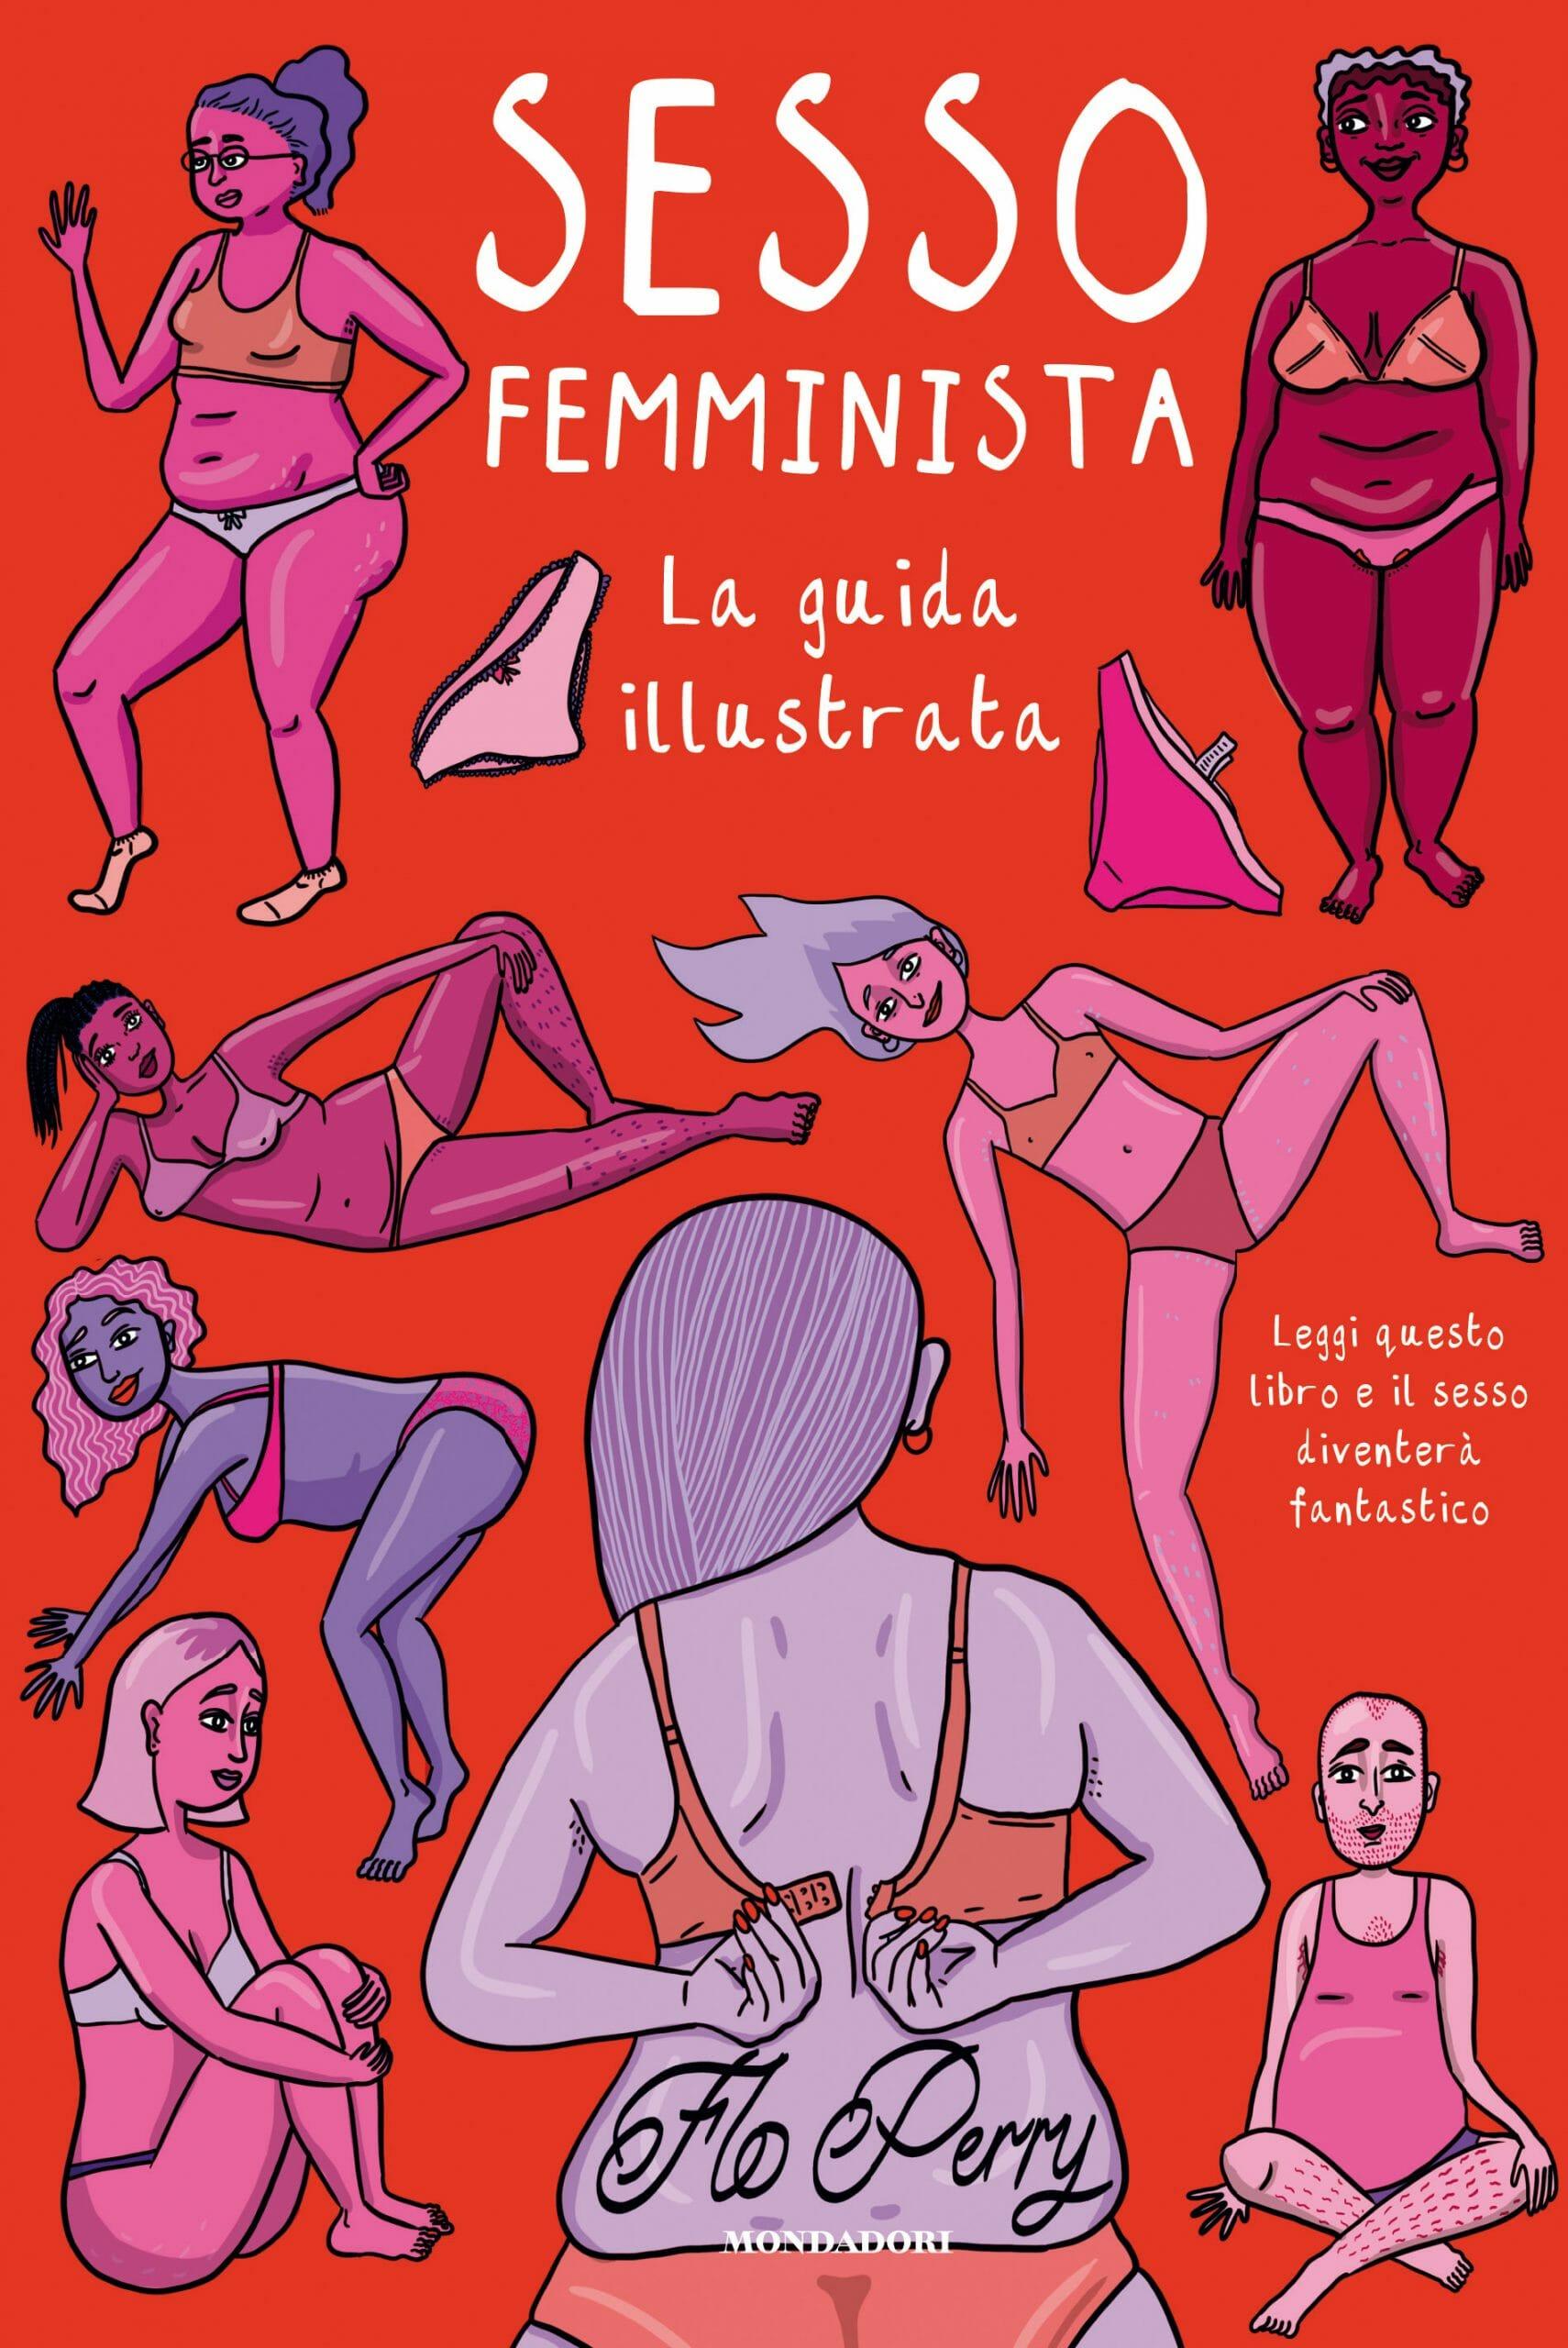 Flo Perry Sesso femminista